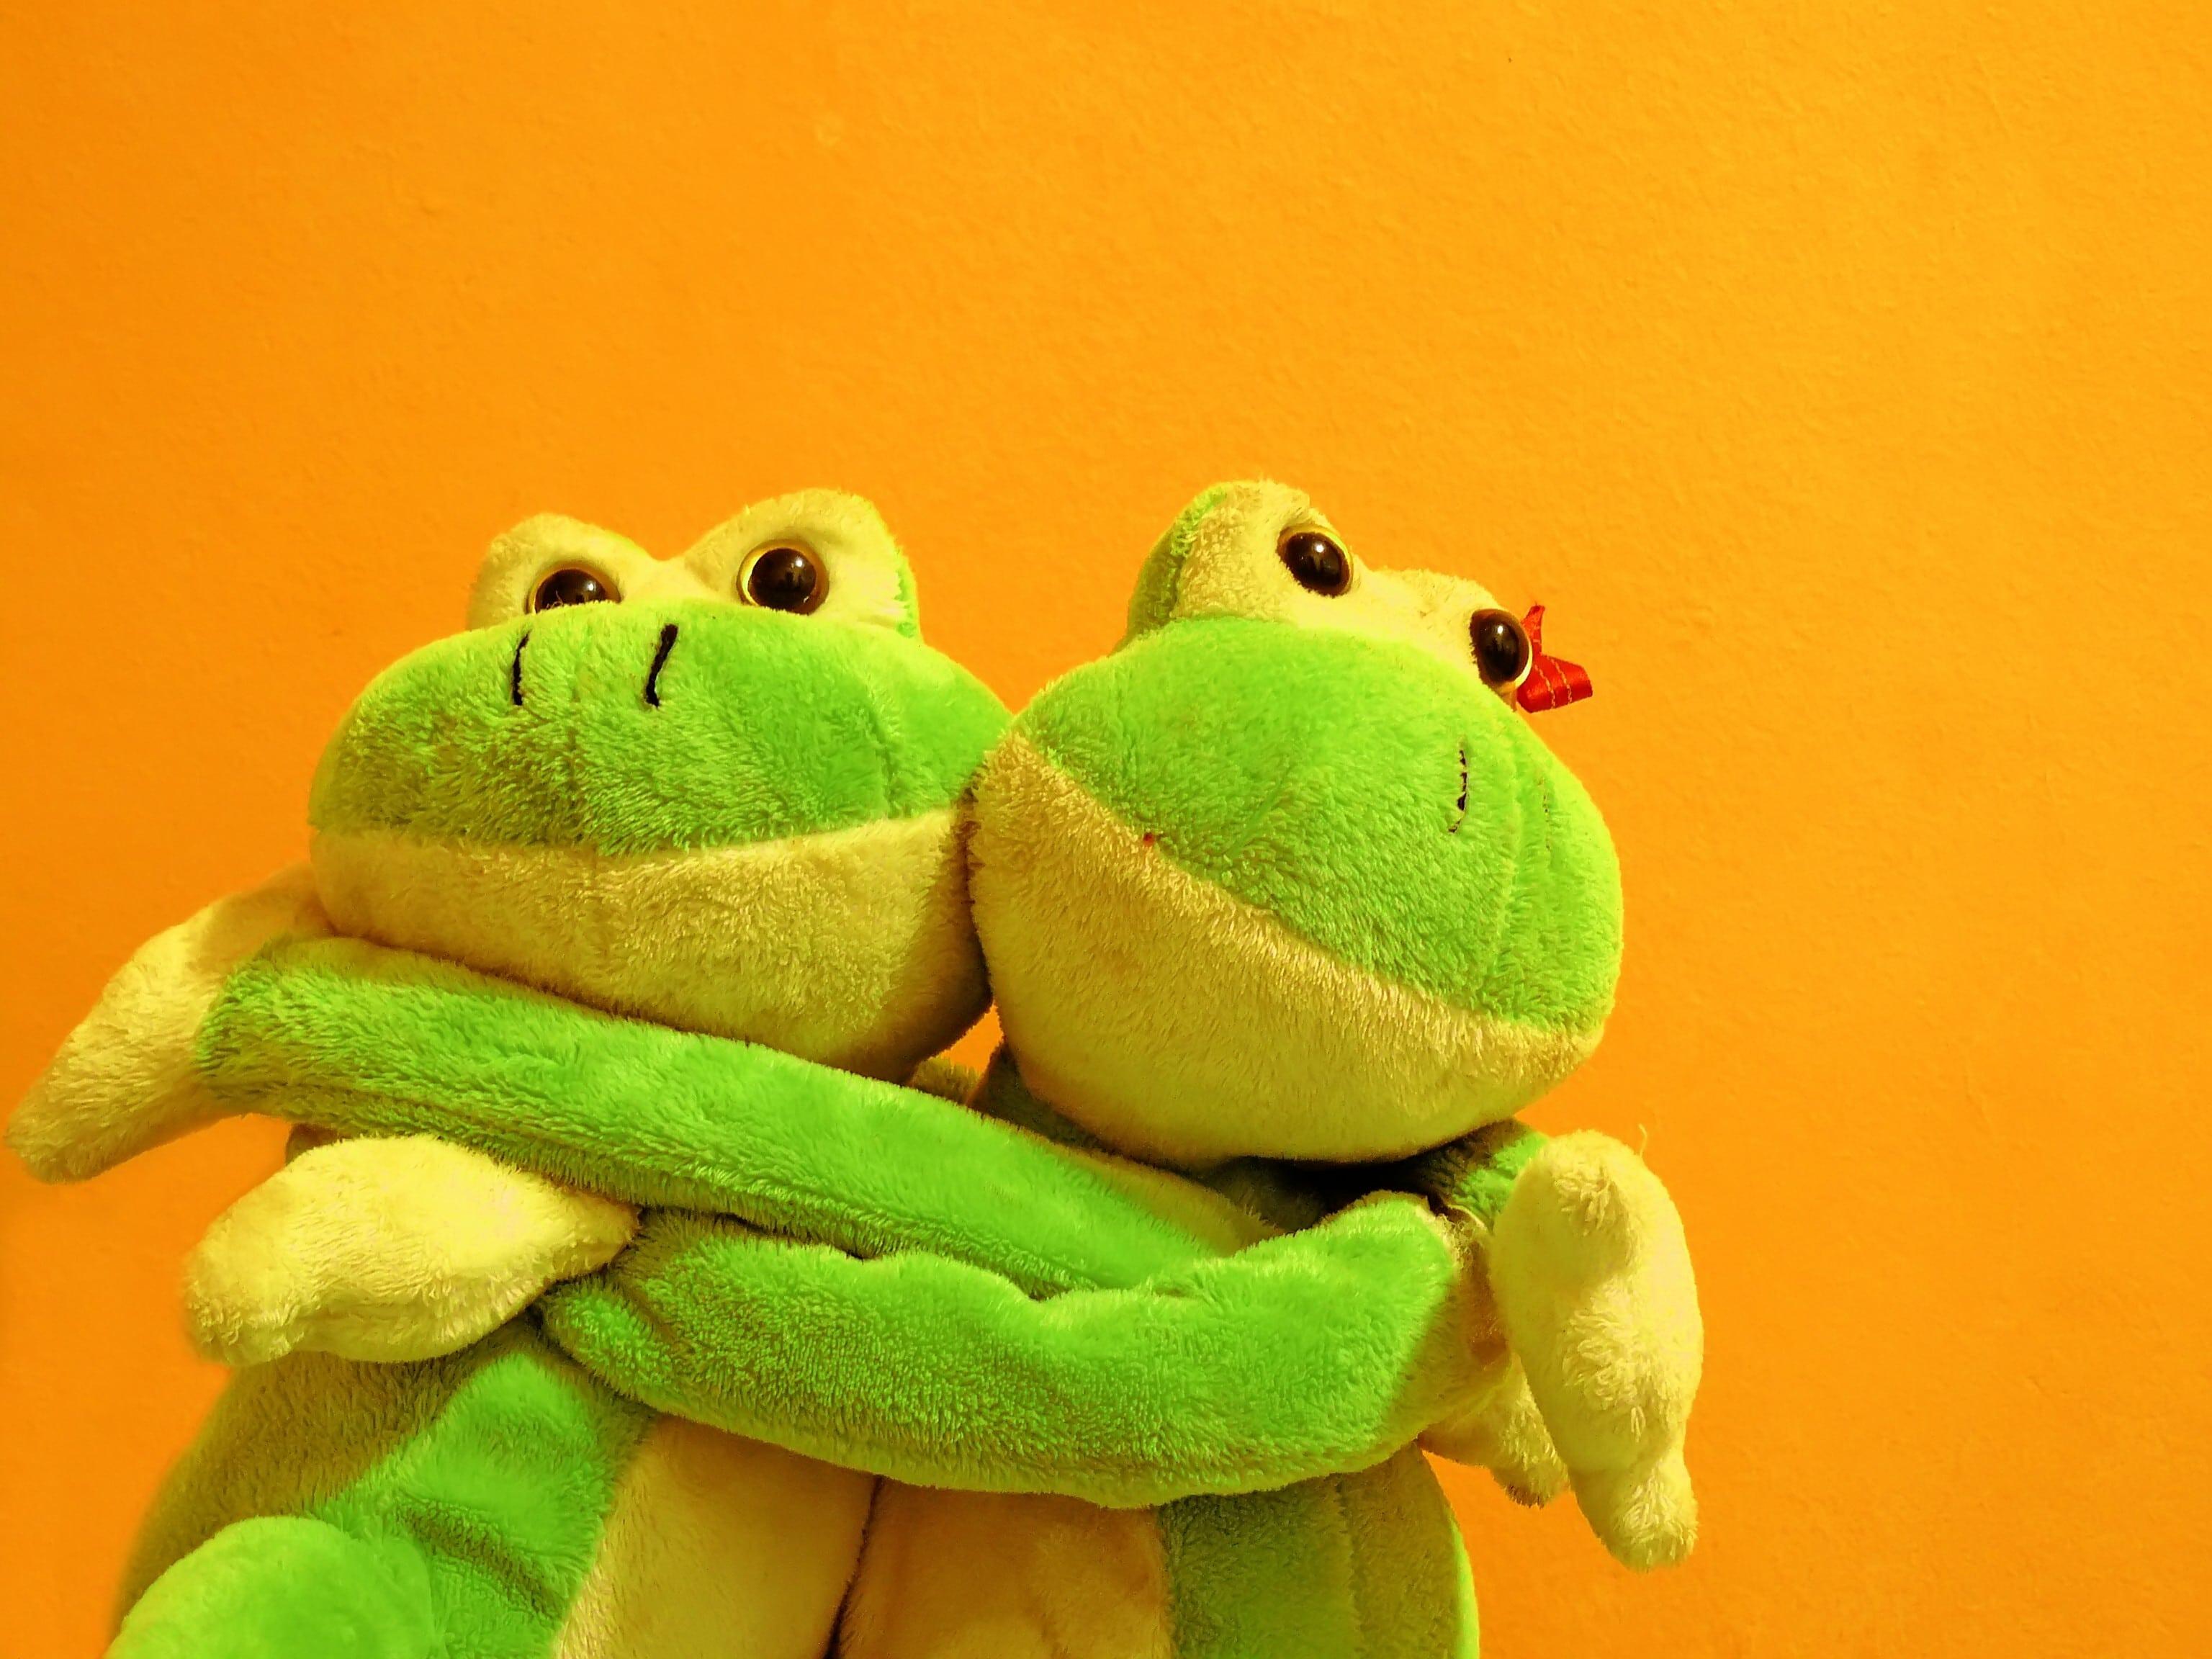 No frog dating